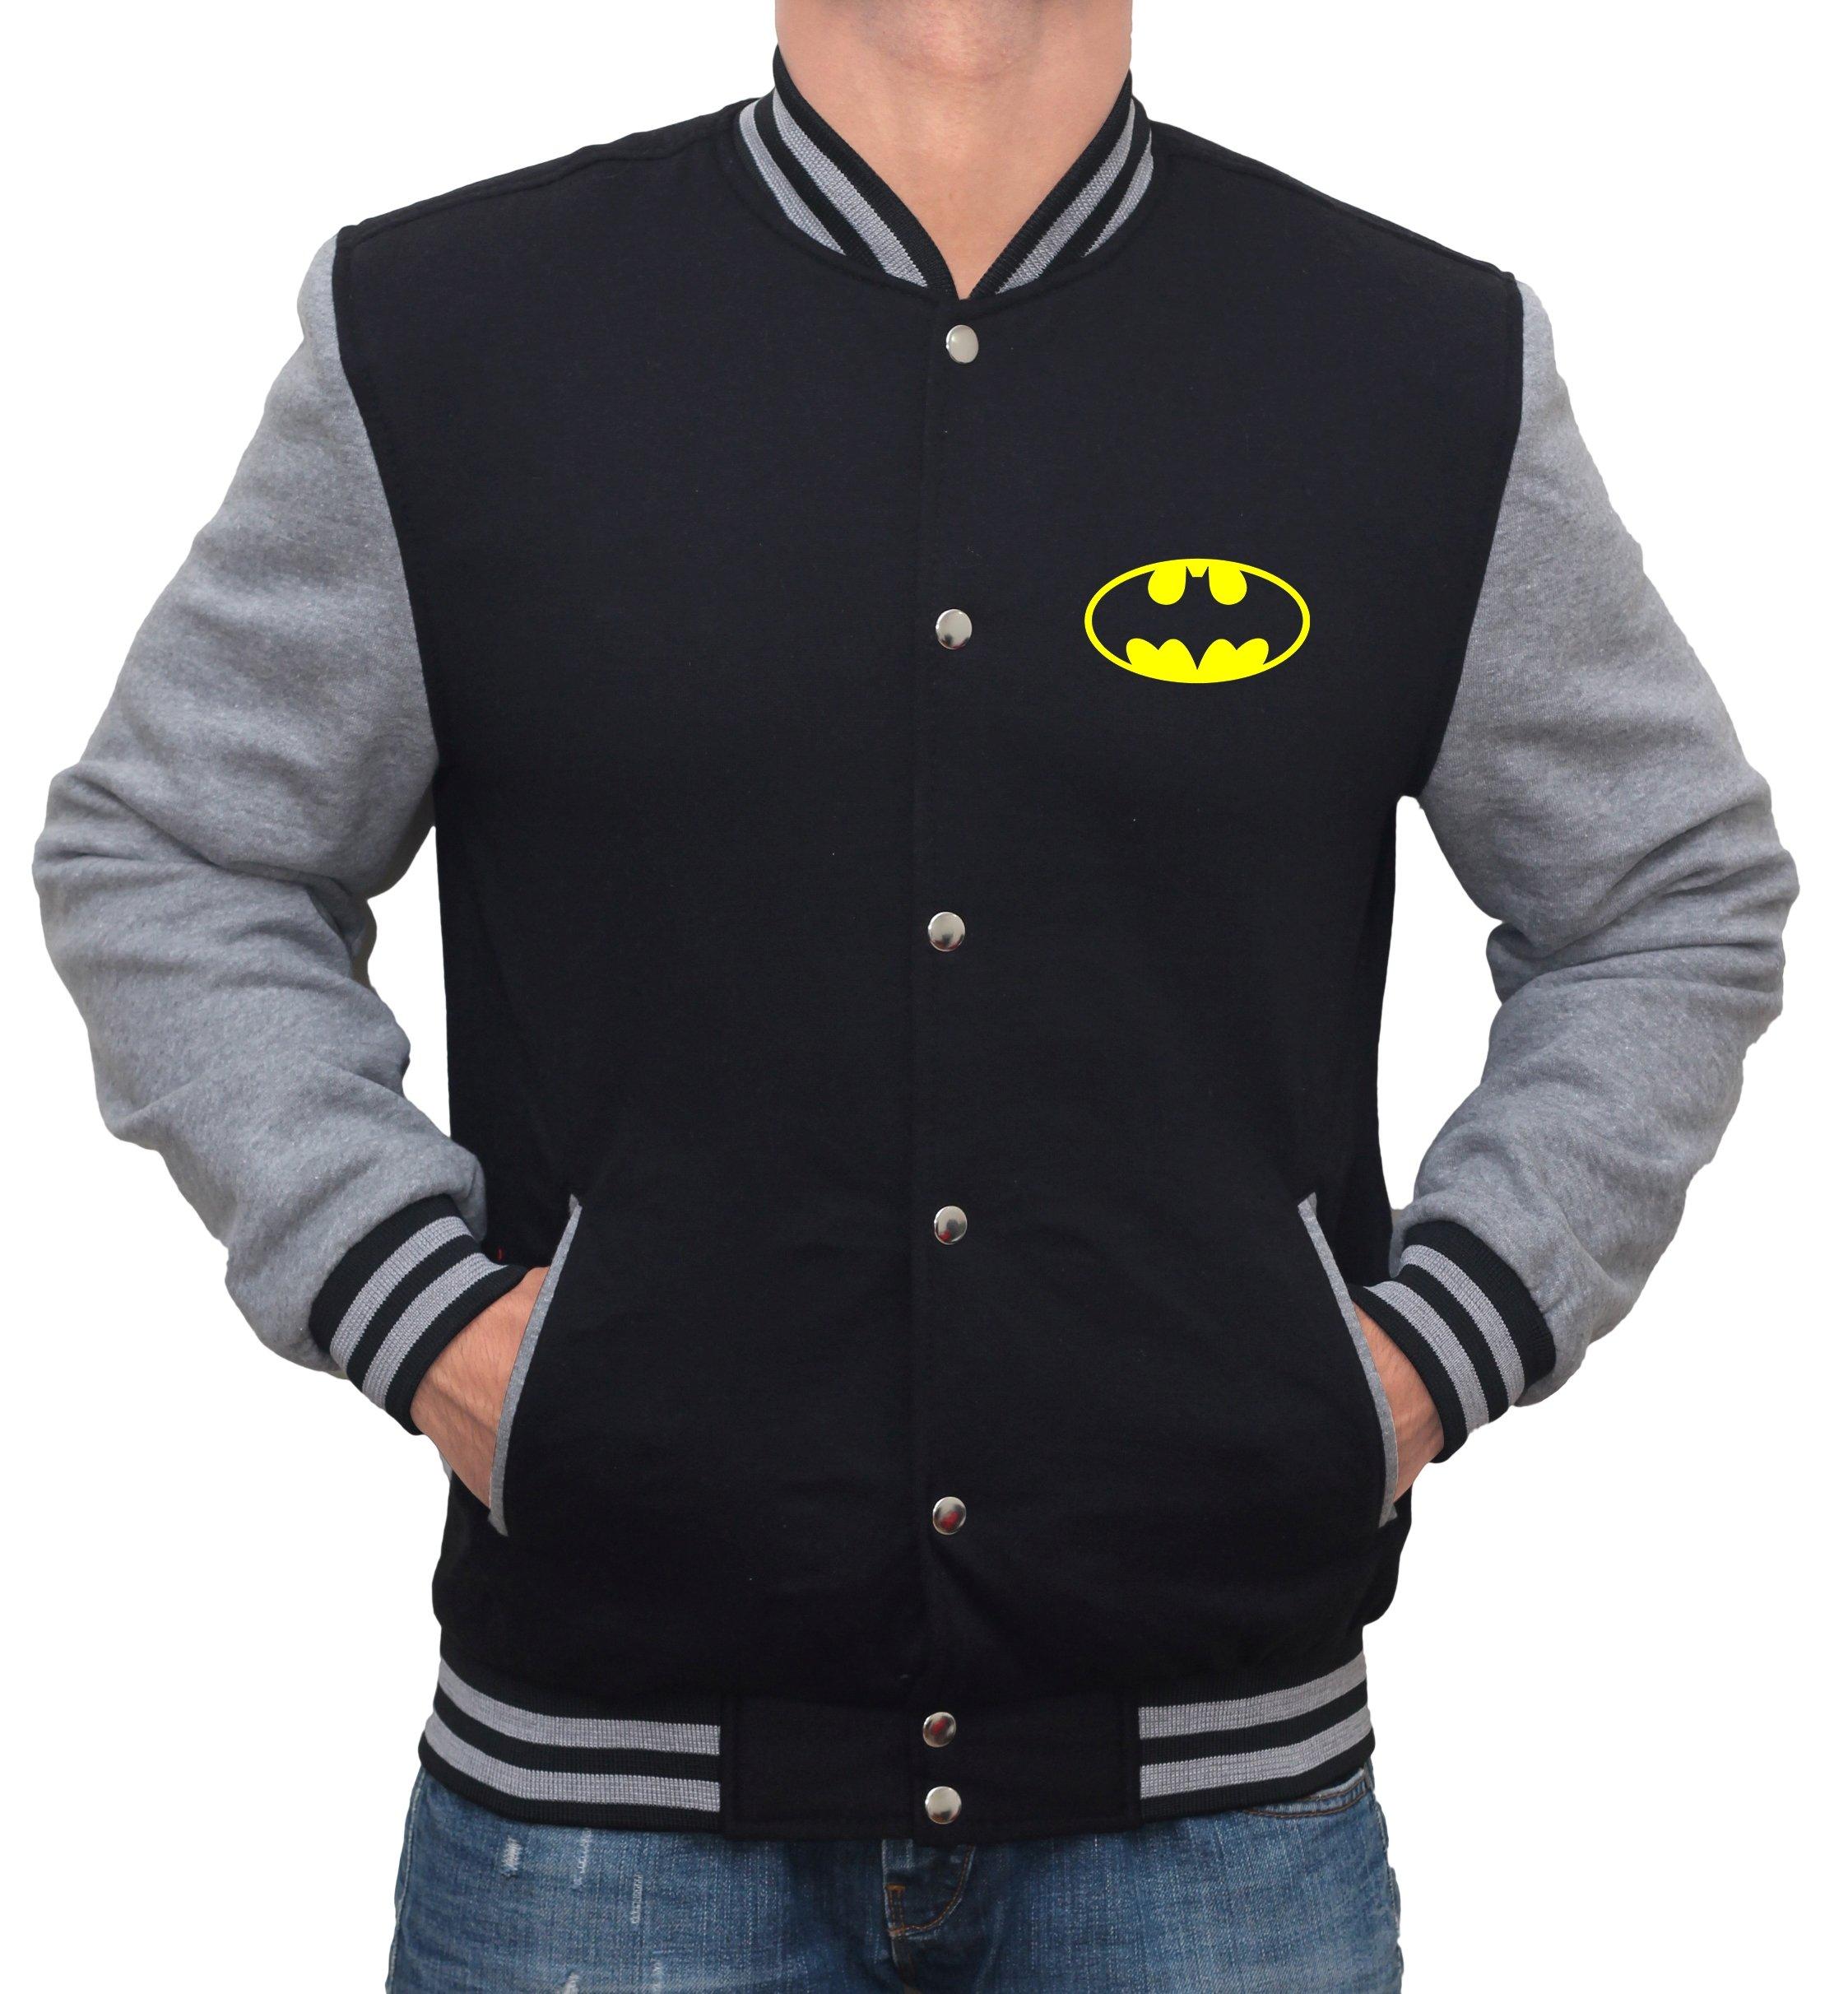 Decrum Batman Varsity Jacket - Batman Logo Mens Letterman Jacket | XL by Decrum